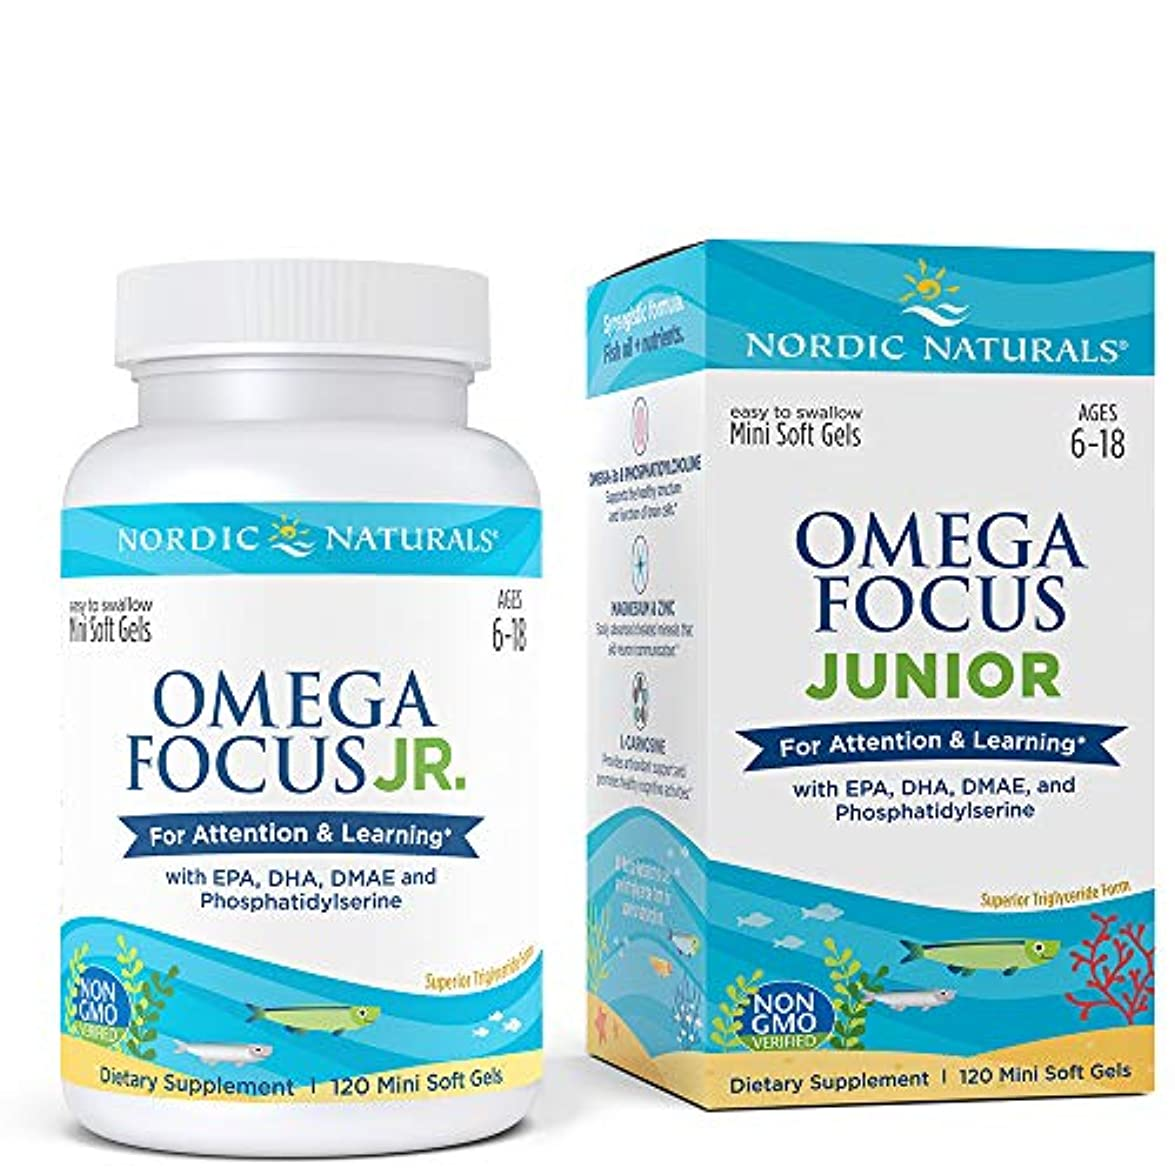 パスポート言うマザーランドNordic Naturals Omega Focus Junior オメガ フォーカス ジュニア ソフトカプセル 120錠 [海外直送品]